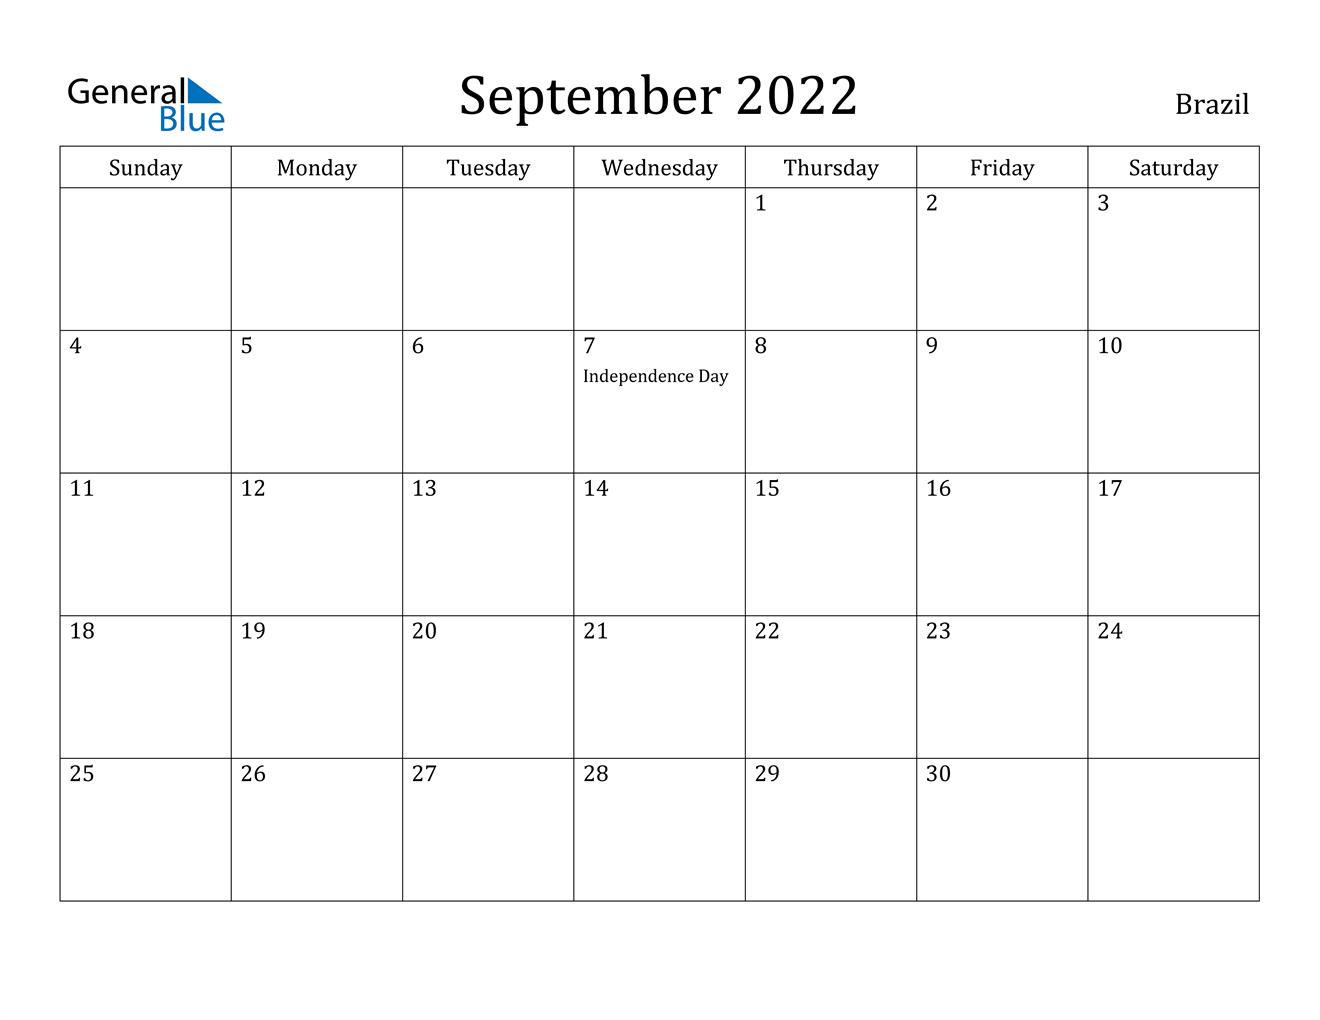 September 2022 Calendar - Brazil